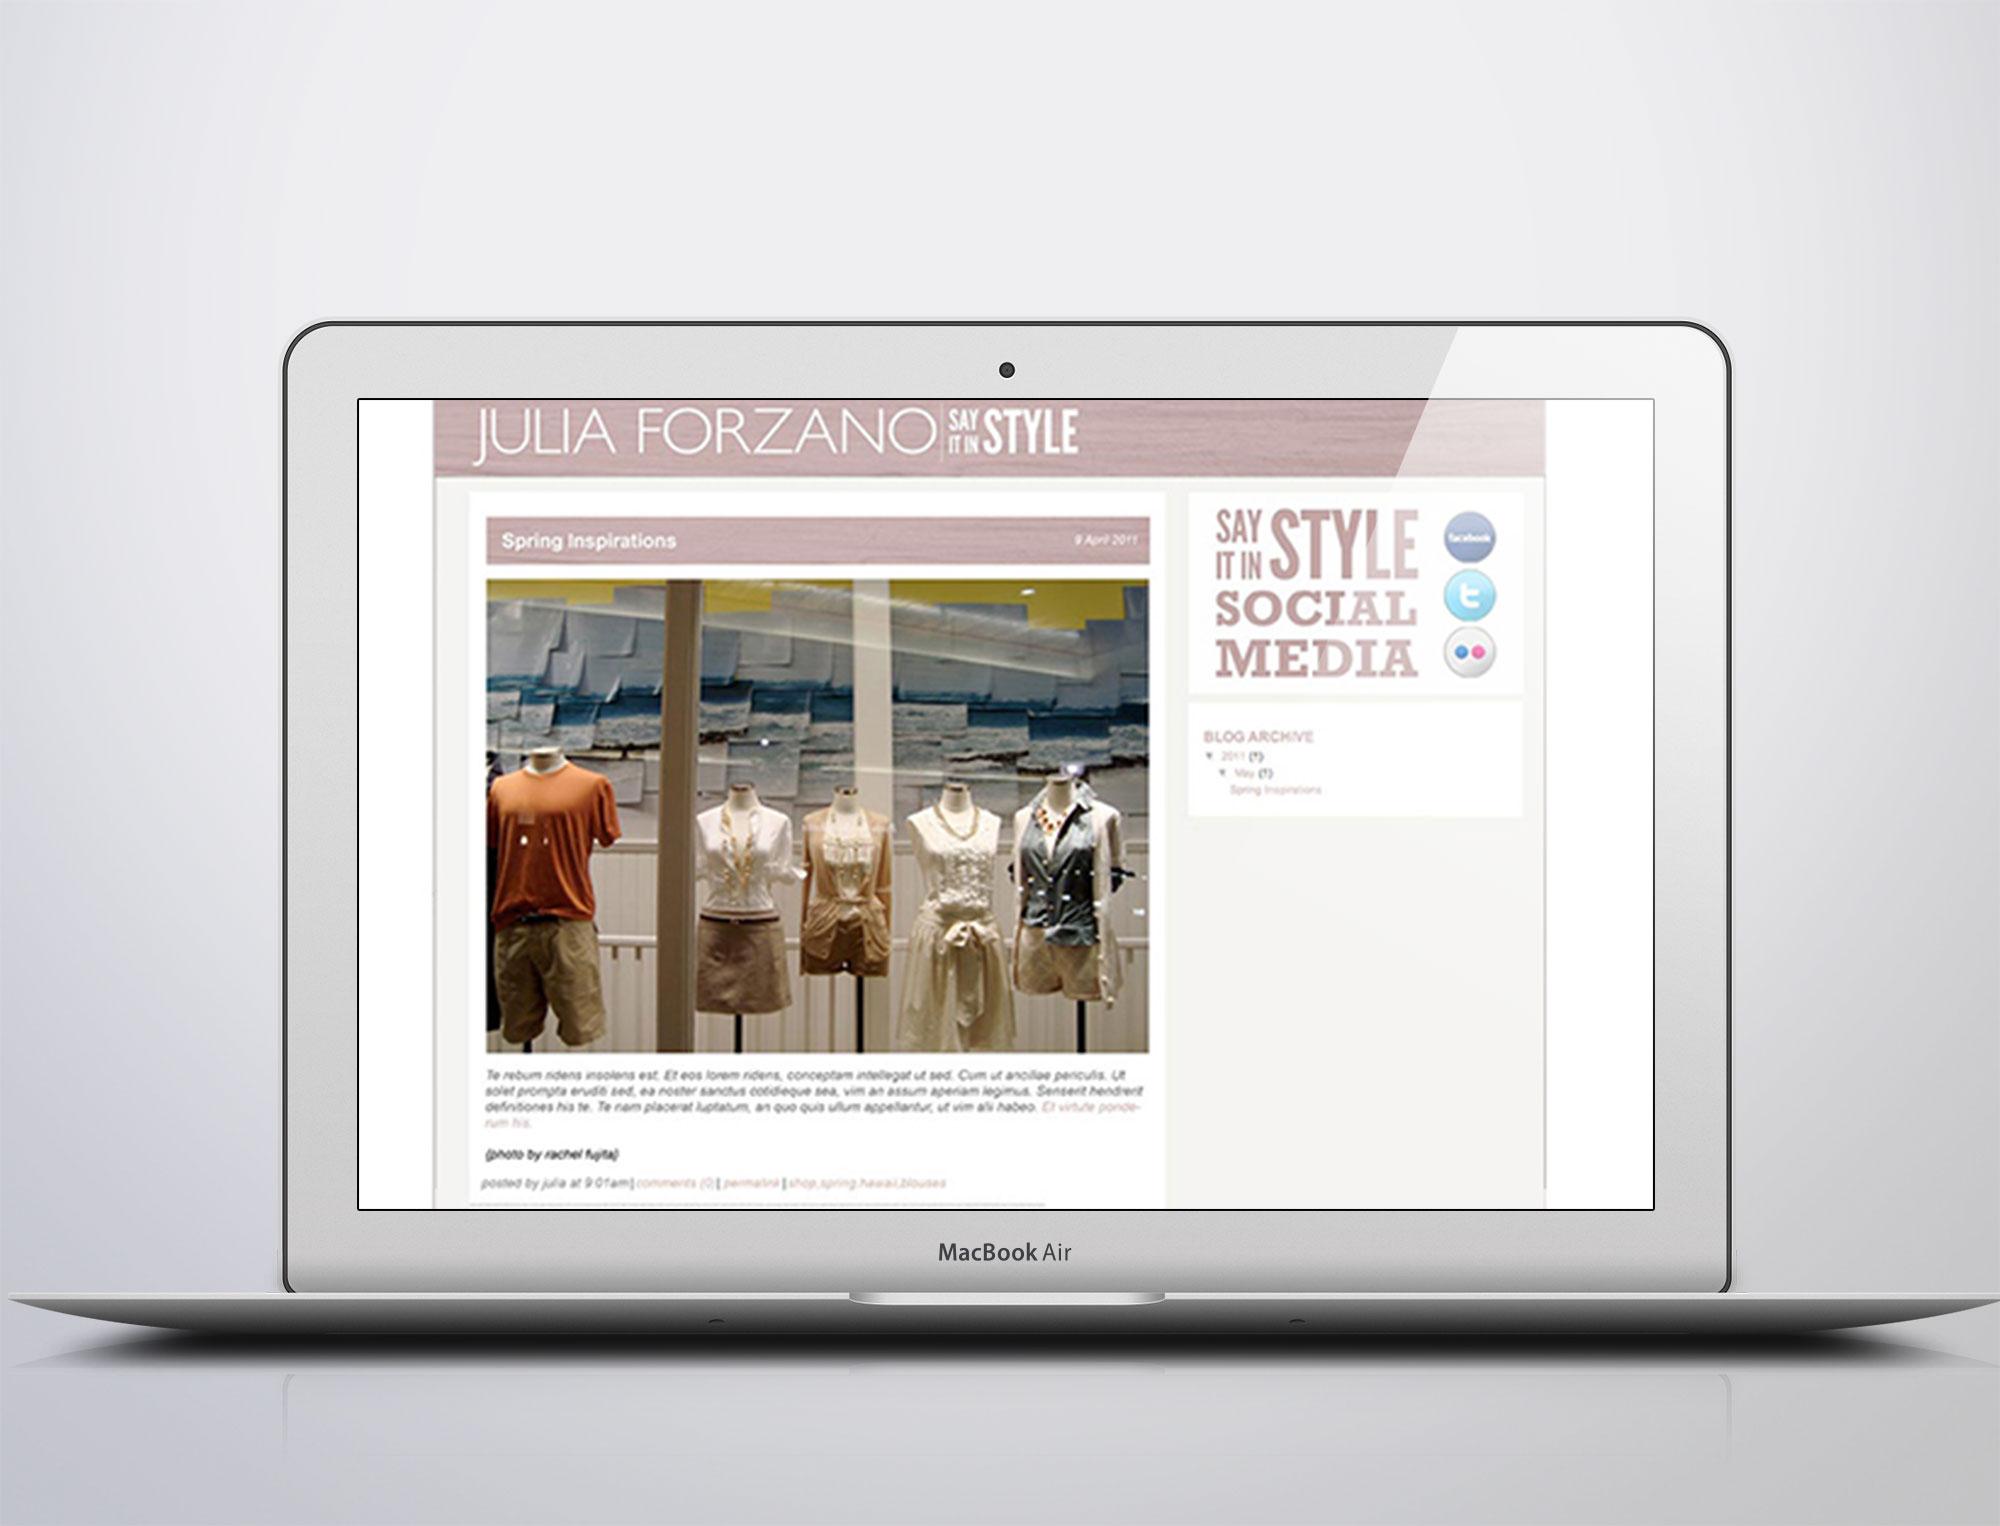 Blog (template design created through blogger.com)